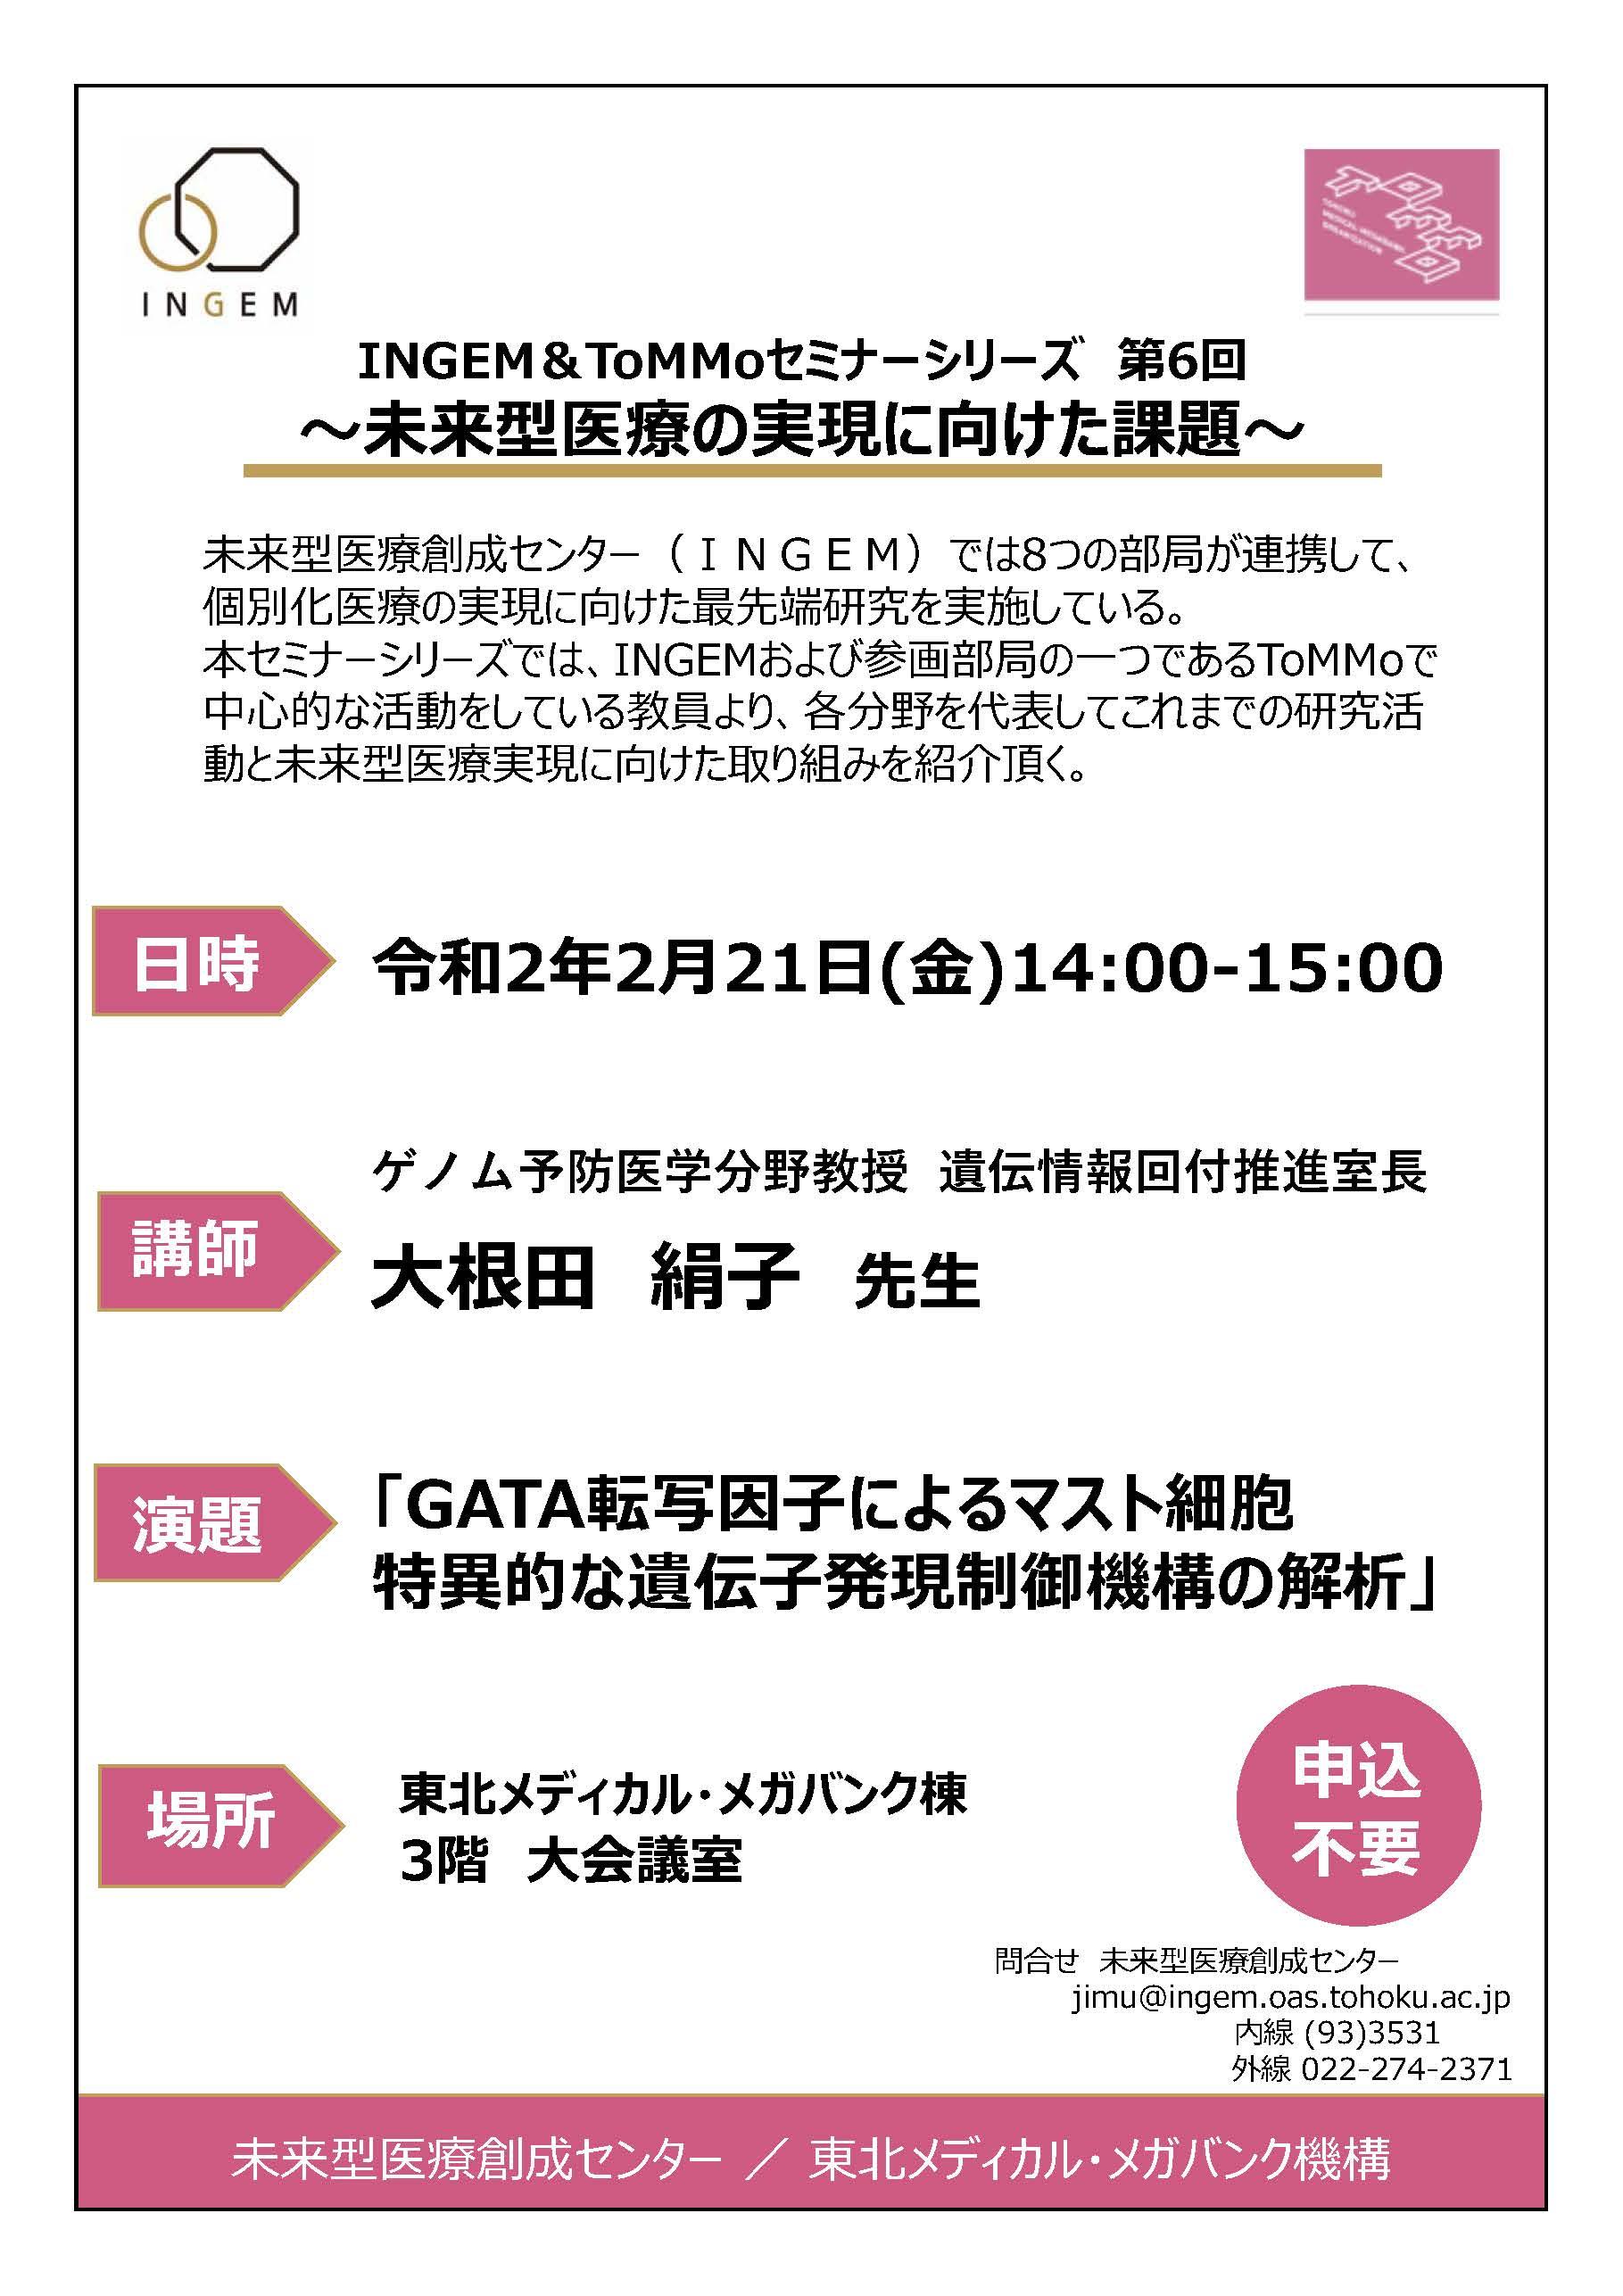 200221セミナーポスター 大根田先生meiryo.jpg (356 KB)